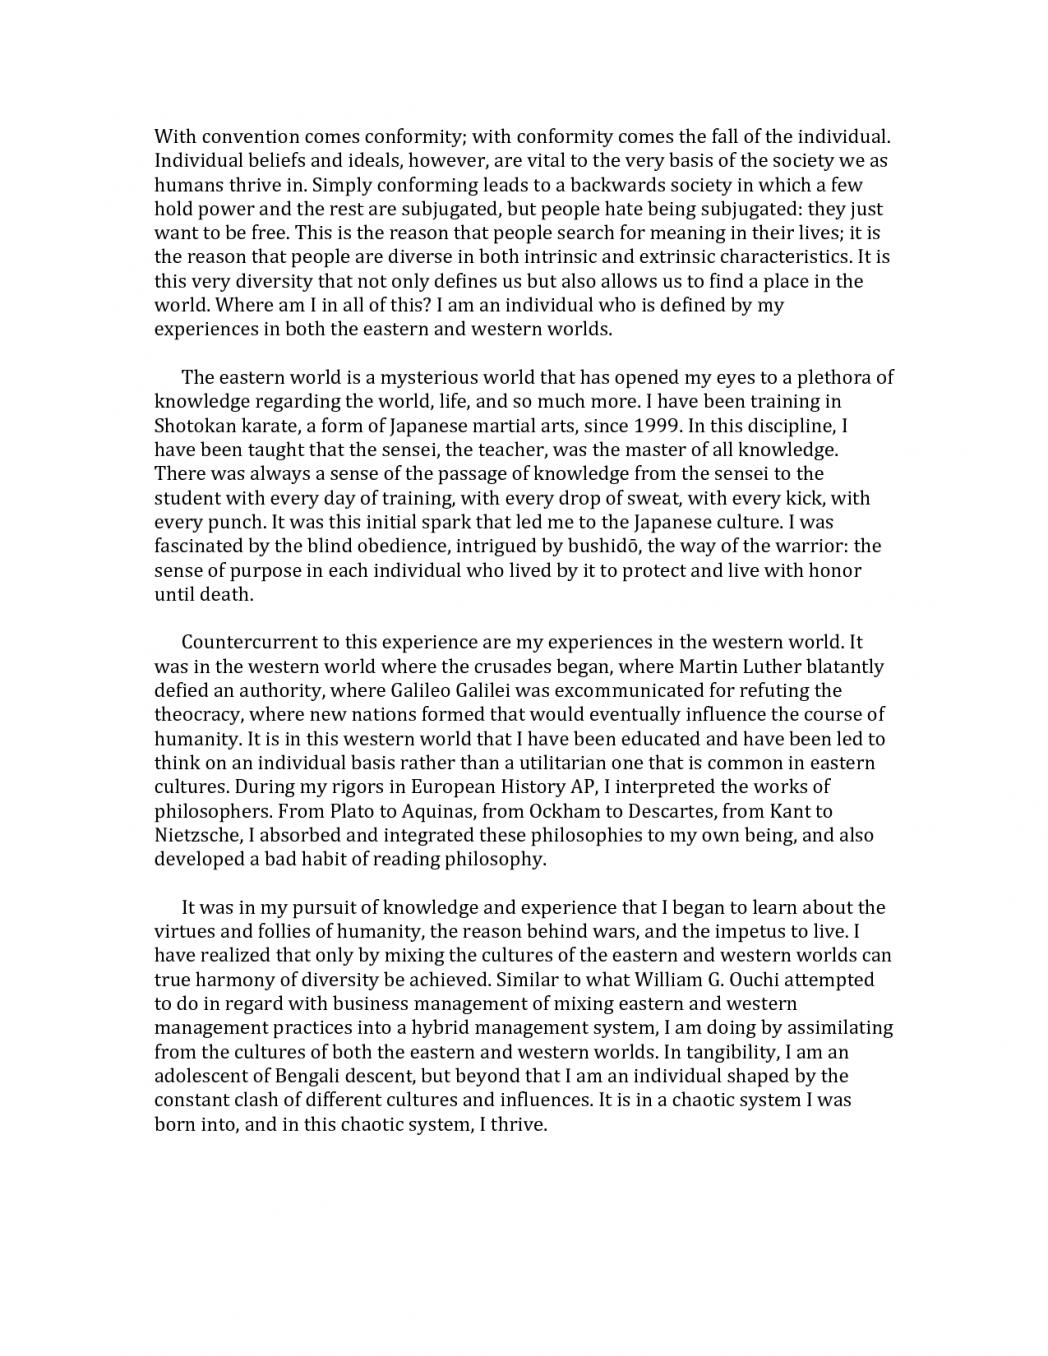 Custom admission essay ucla college